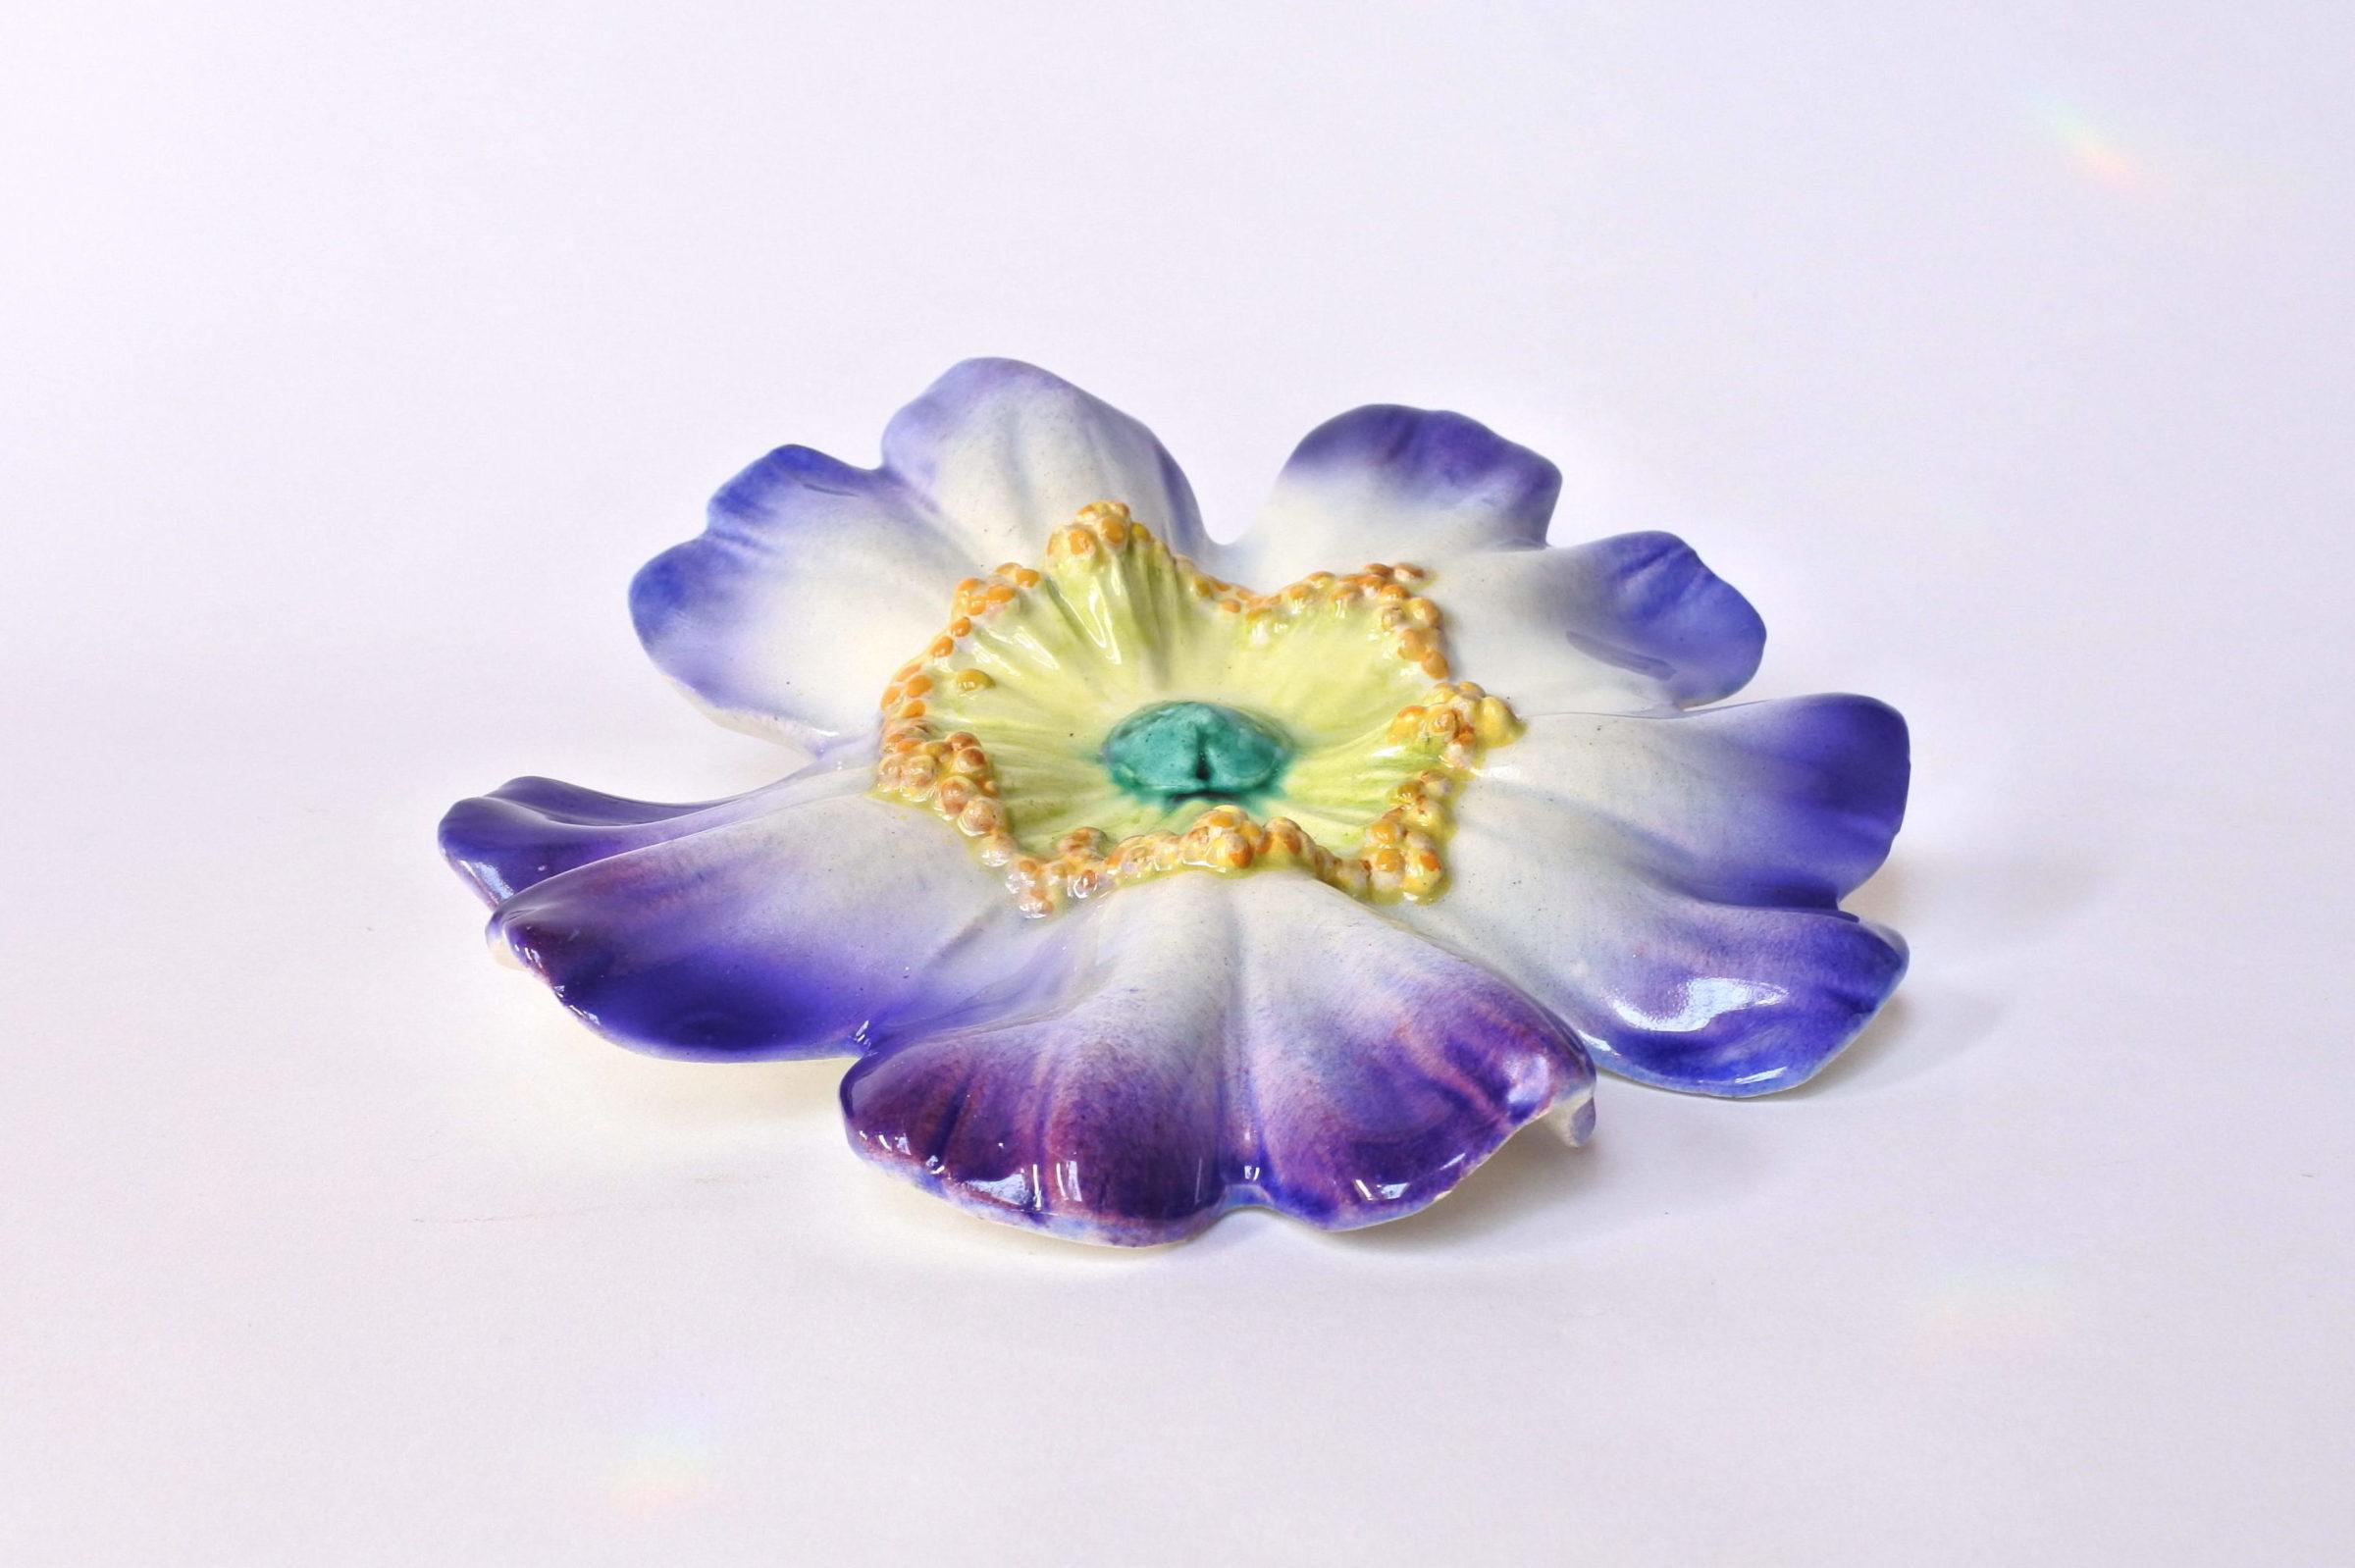 Portafiori da muro in ceramica barbotine a forma di rosa canina blu - Massier - 2